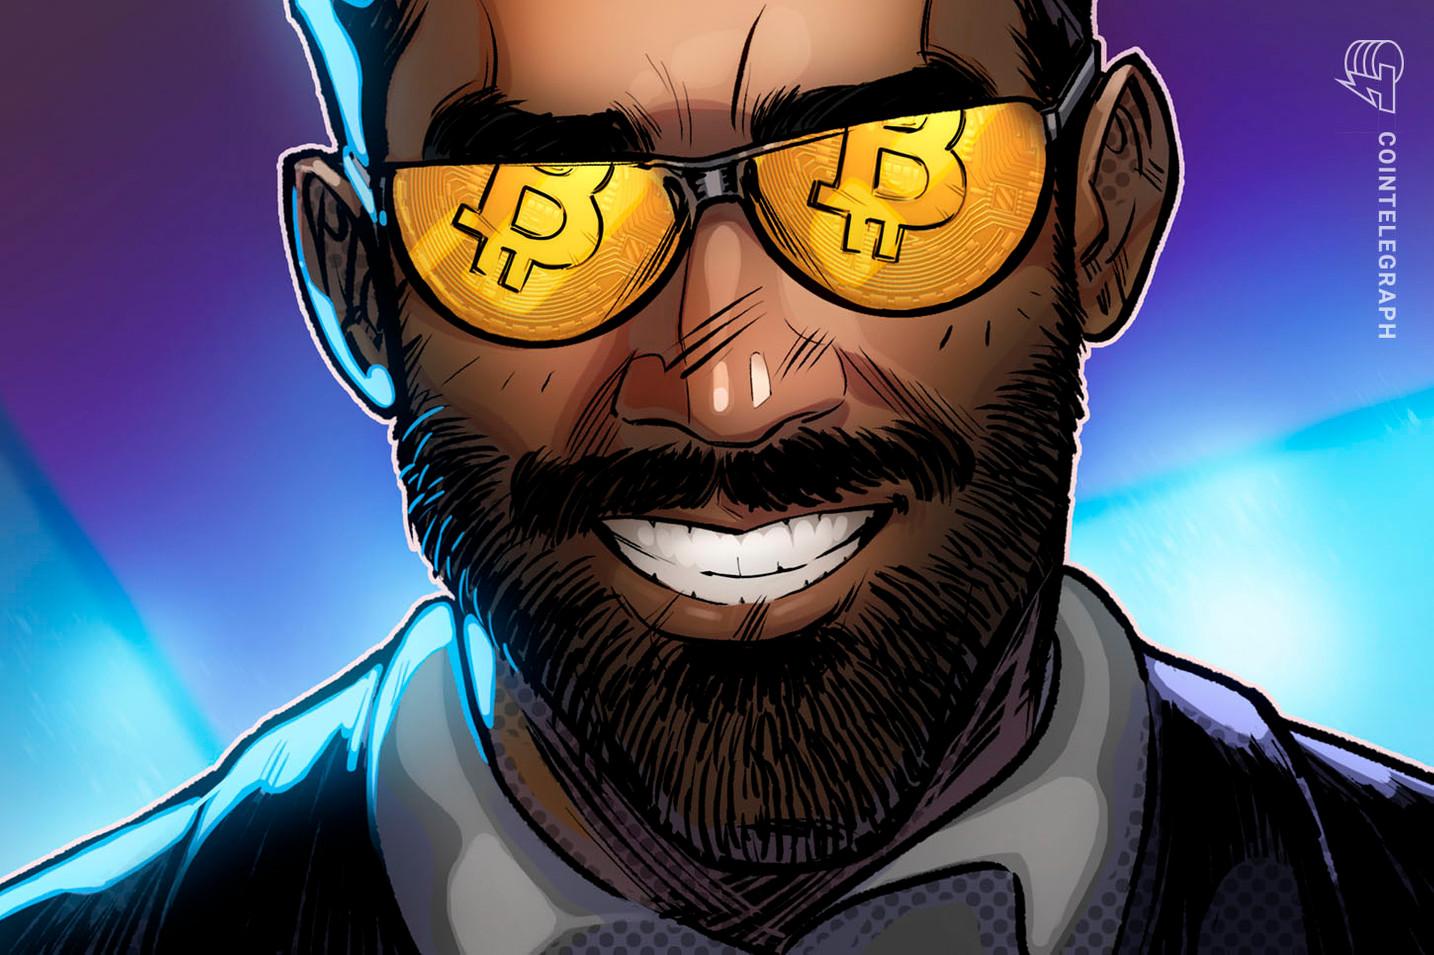 La firma comercial del multimillonario criptográfico más rico revela comprar 'mucho más' Bitcoin por debajo de $ 30K